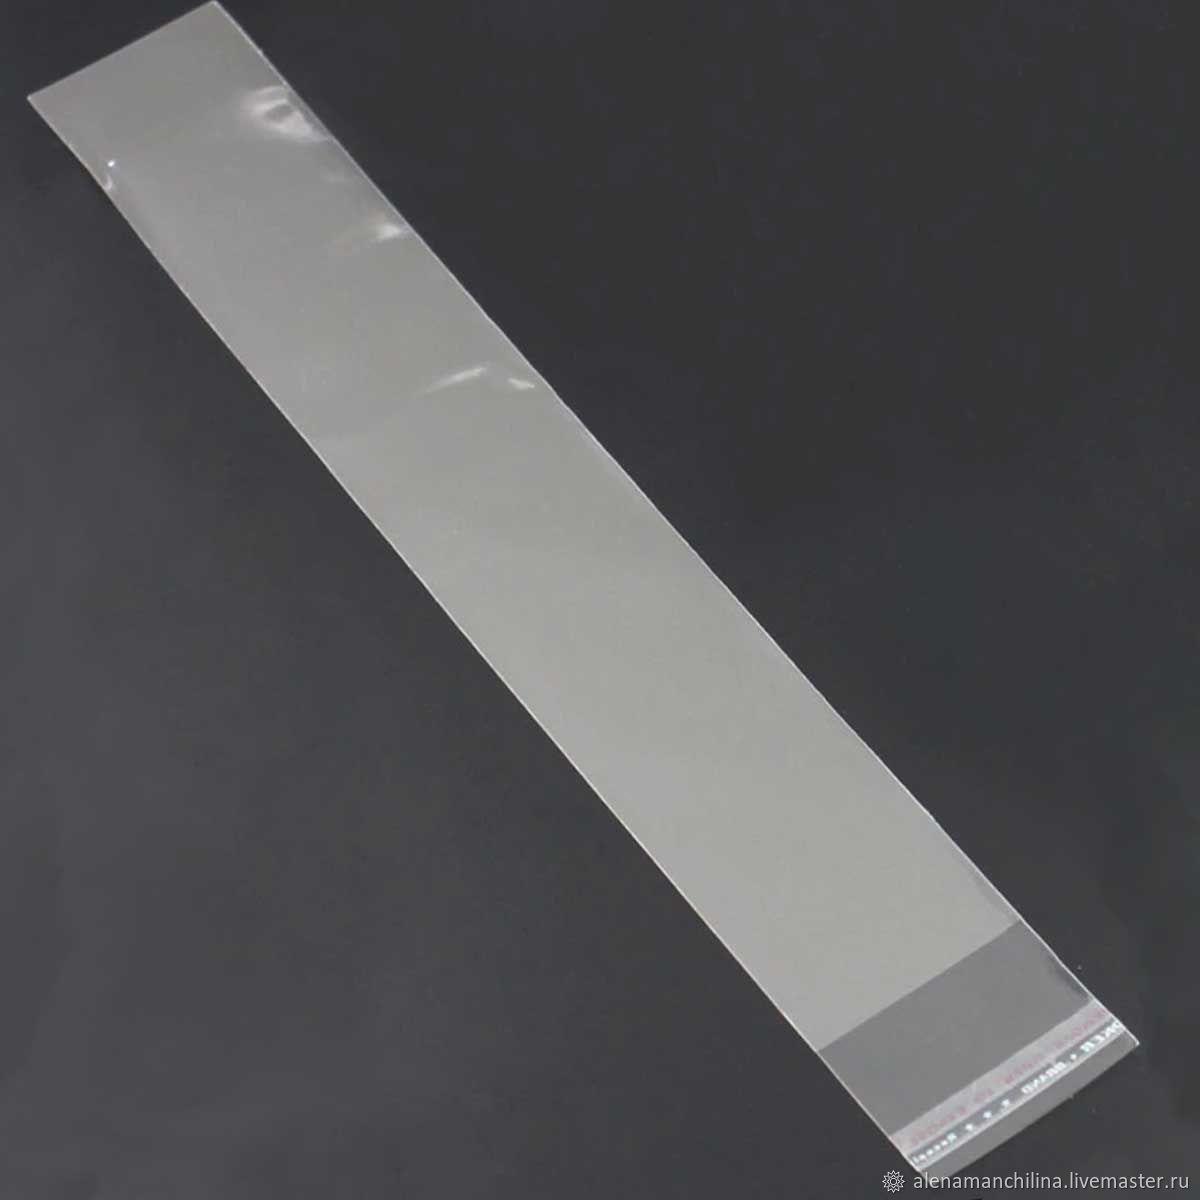 Пакеты 6х40+4 см. БОПП 100 штук прозрачные со скотчем, Пакеты, Вольск,  Фото №1